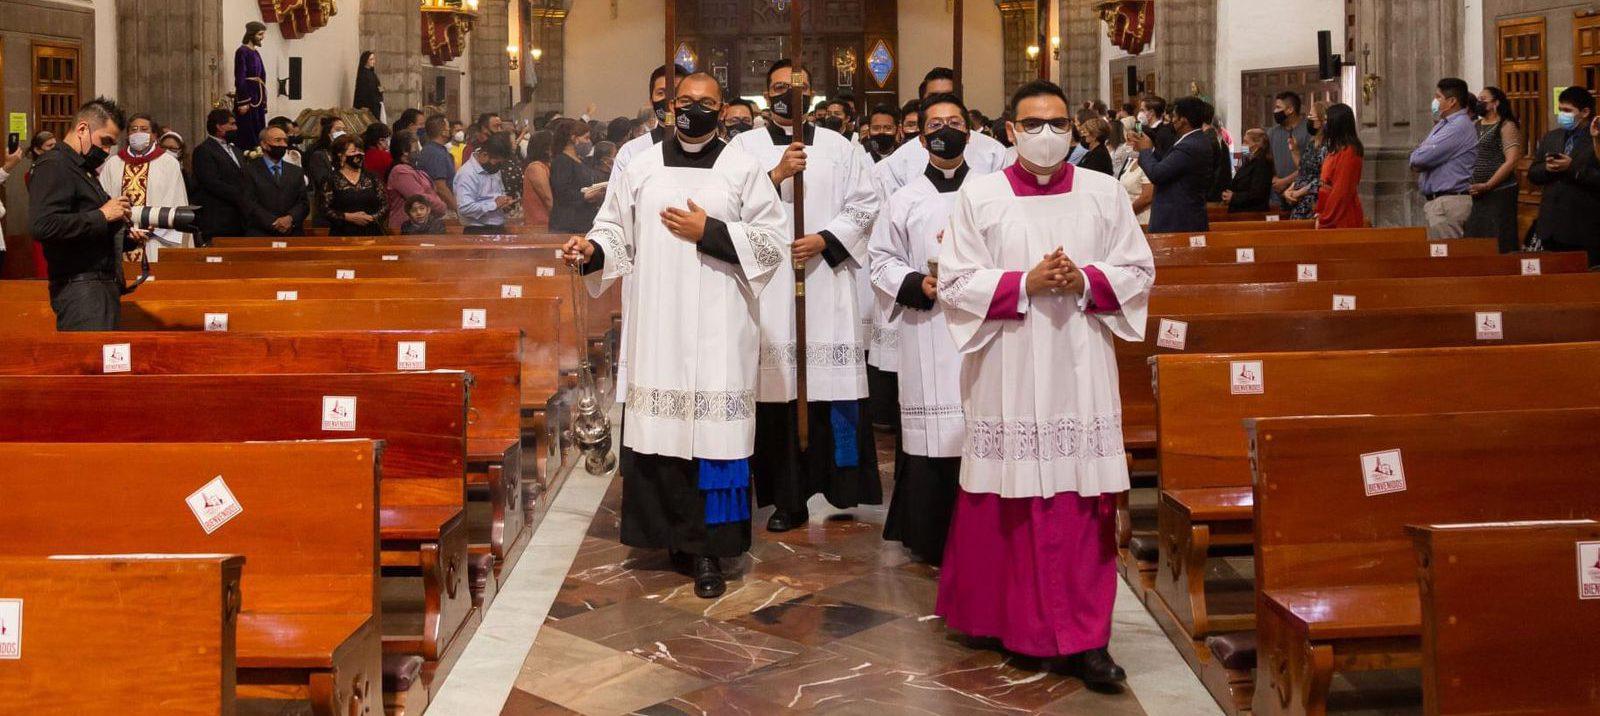 Sacerdotes y personal clérigo iniciando misa